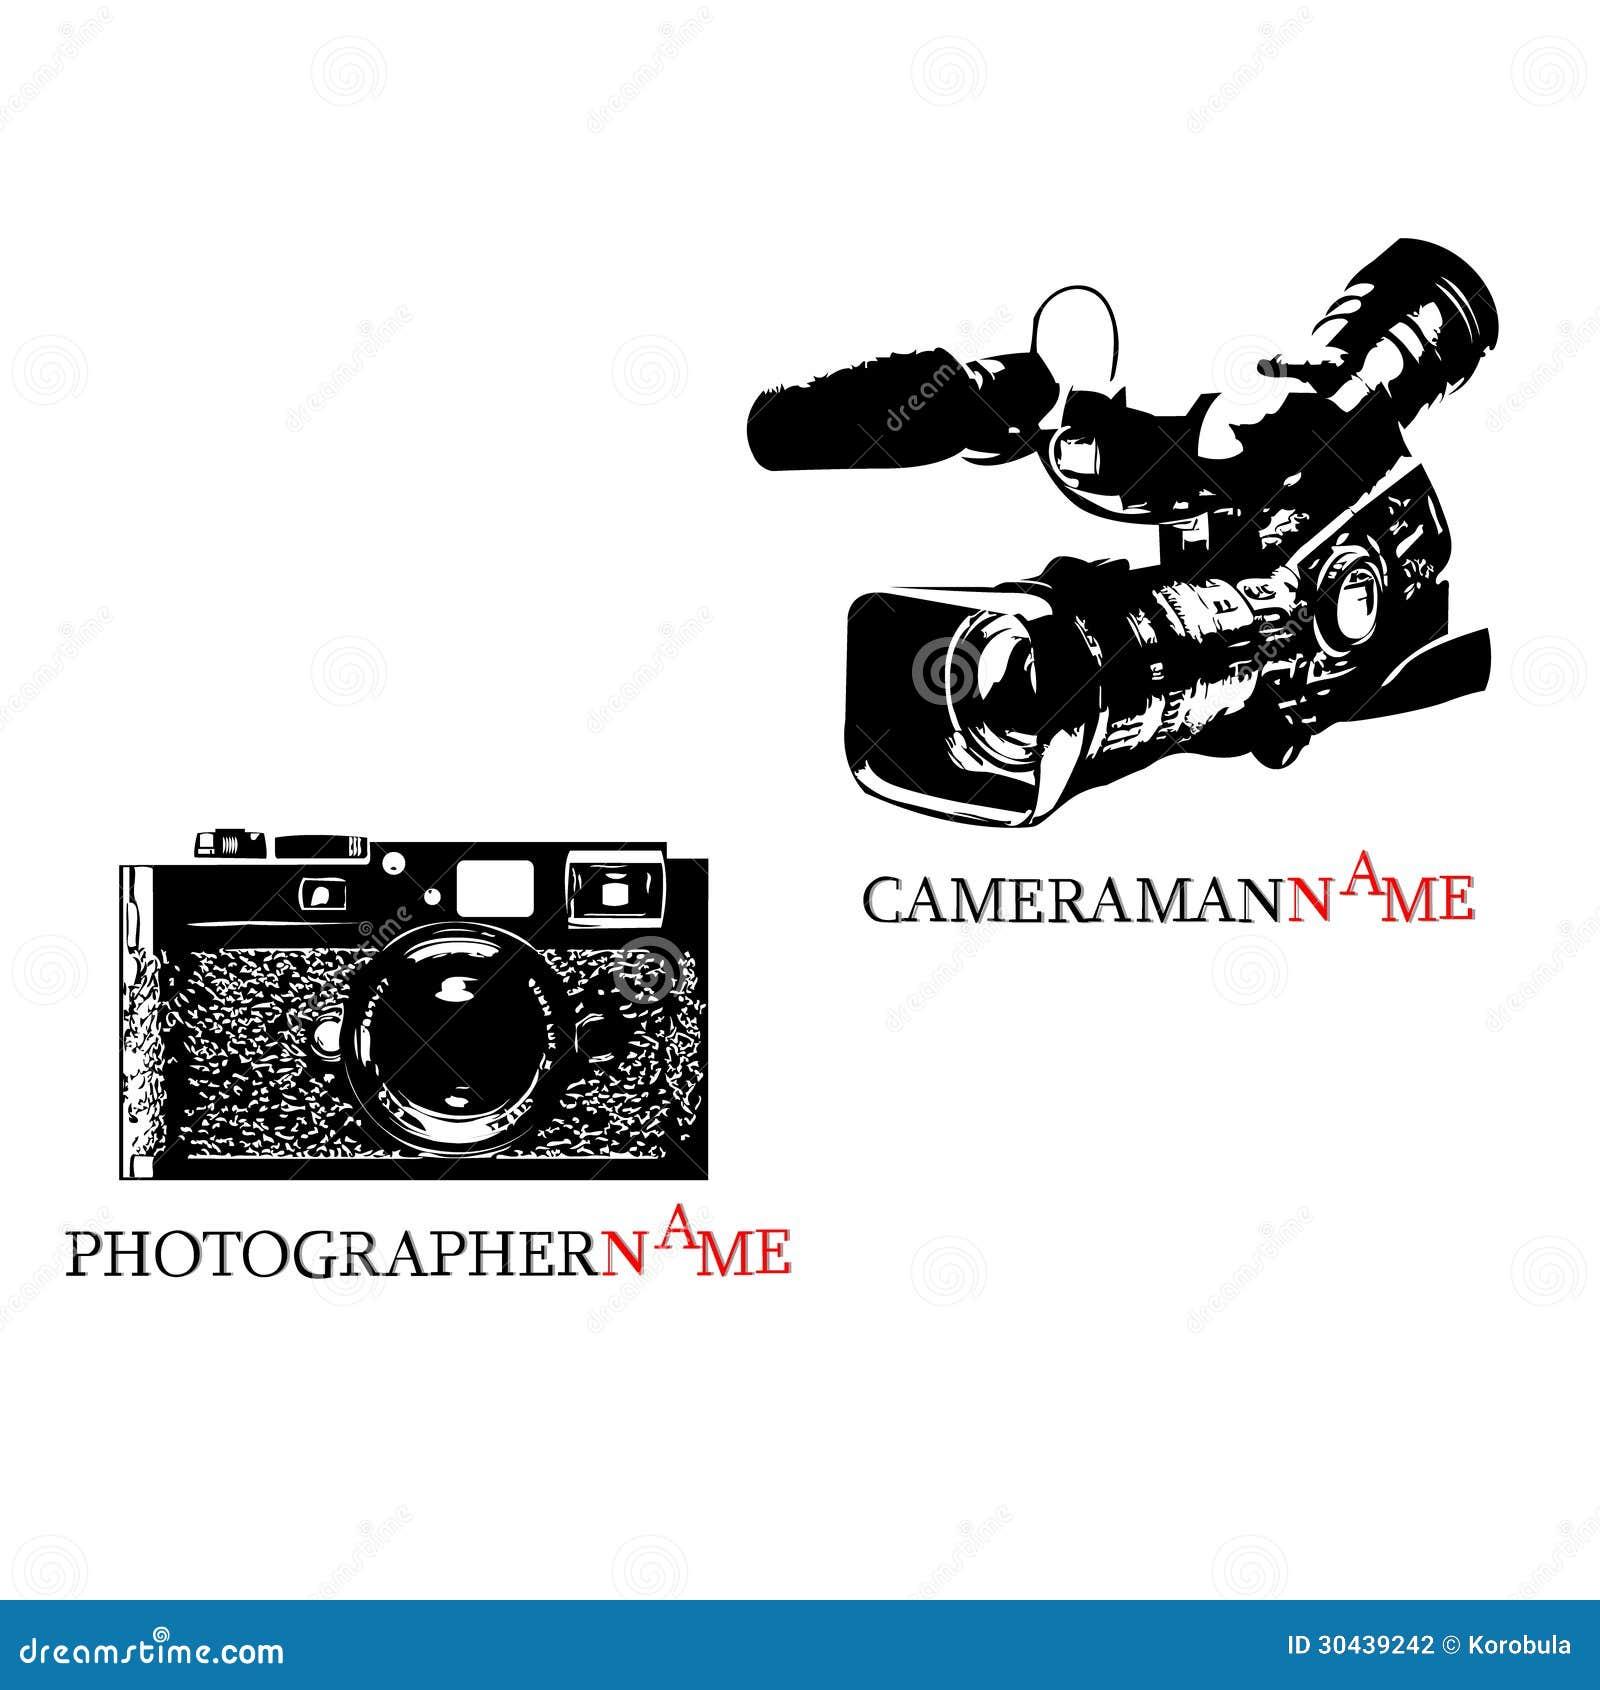 Logotipo do fotógrafo e logotipo do operador cinematográfico